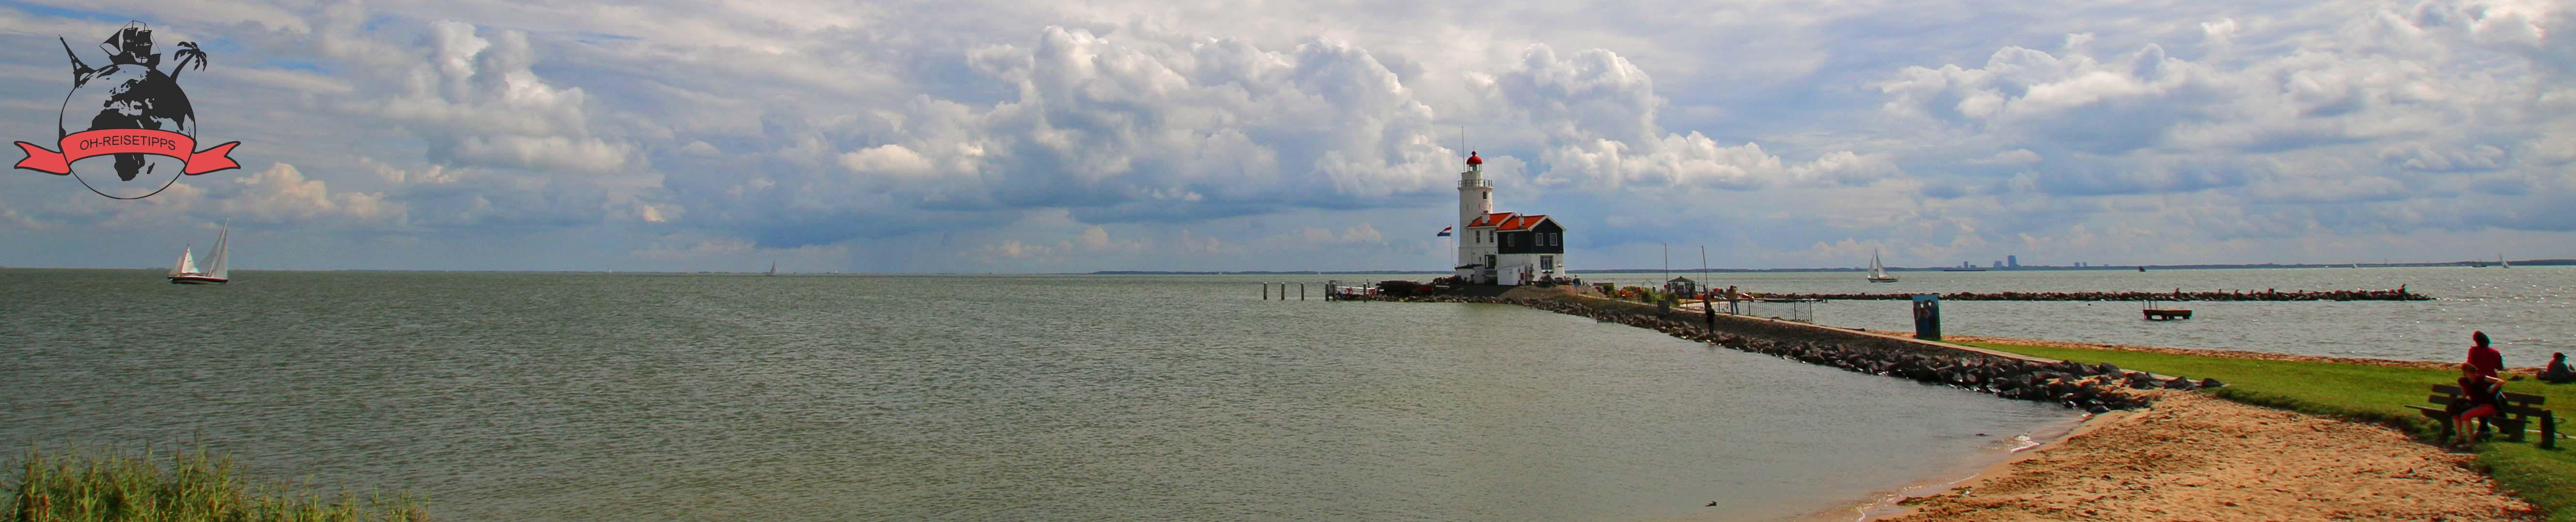 niederlande-marken-leuchtturm